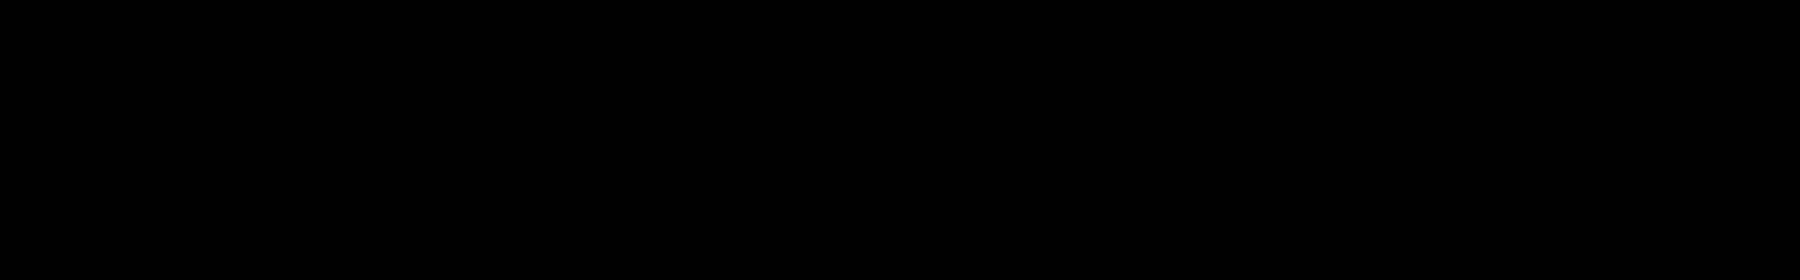 Spectrum TECHNO audio waveform